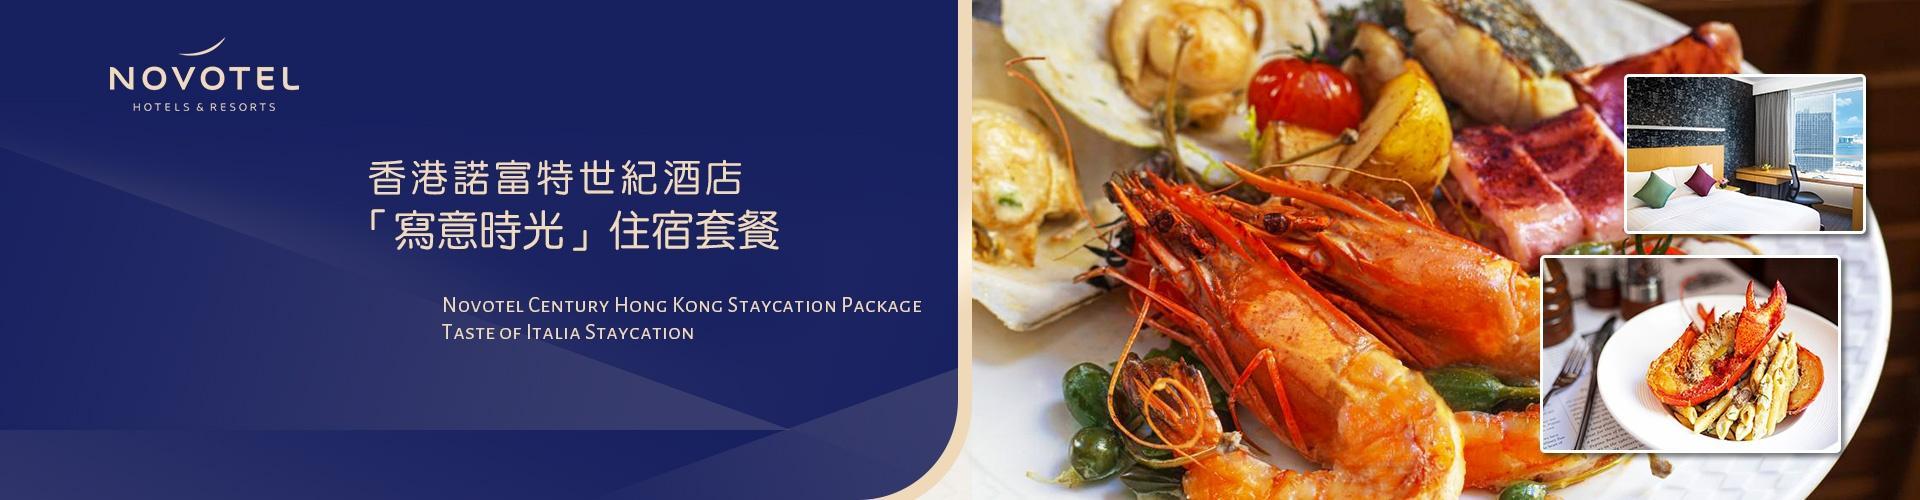 香港諾富特世紀酒店「寫意時光」住宿套餐